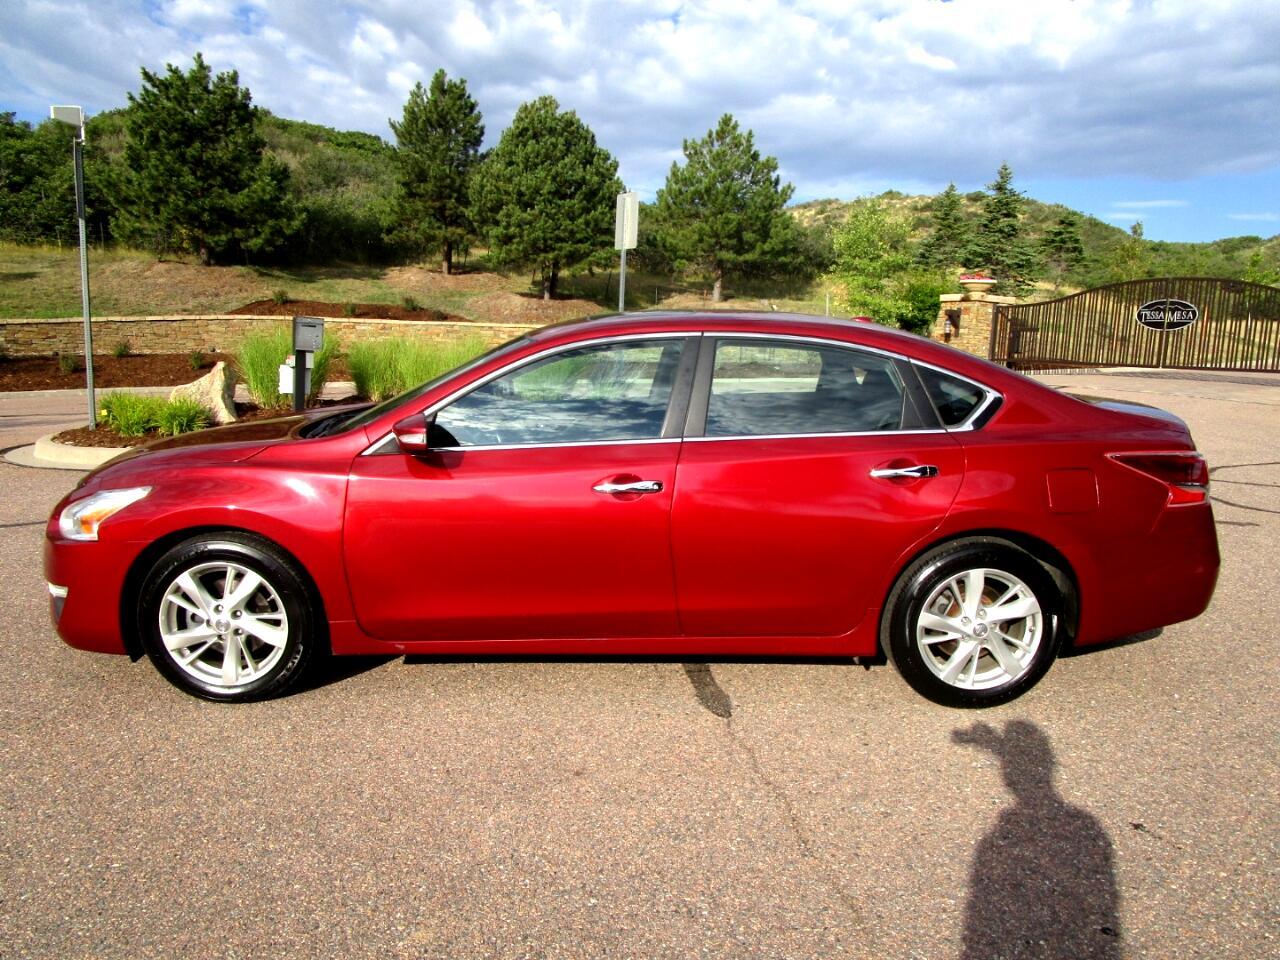 2013 Nissan Altima 4dr Sdn I4 2.5 SL *Ltd Avail*